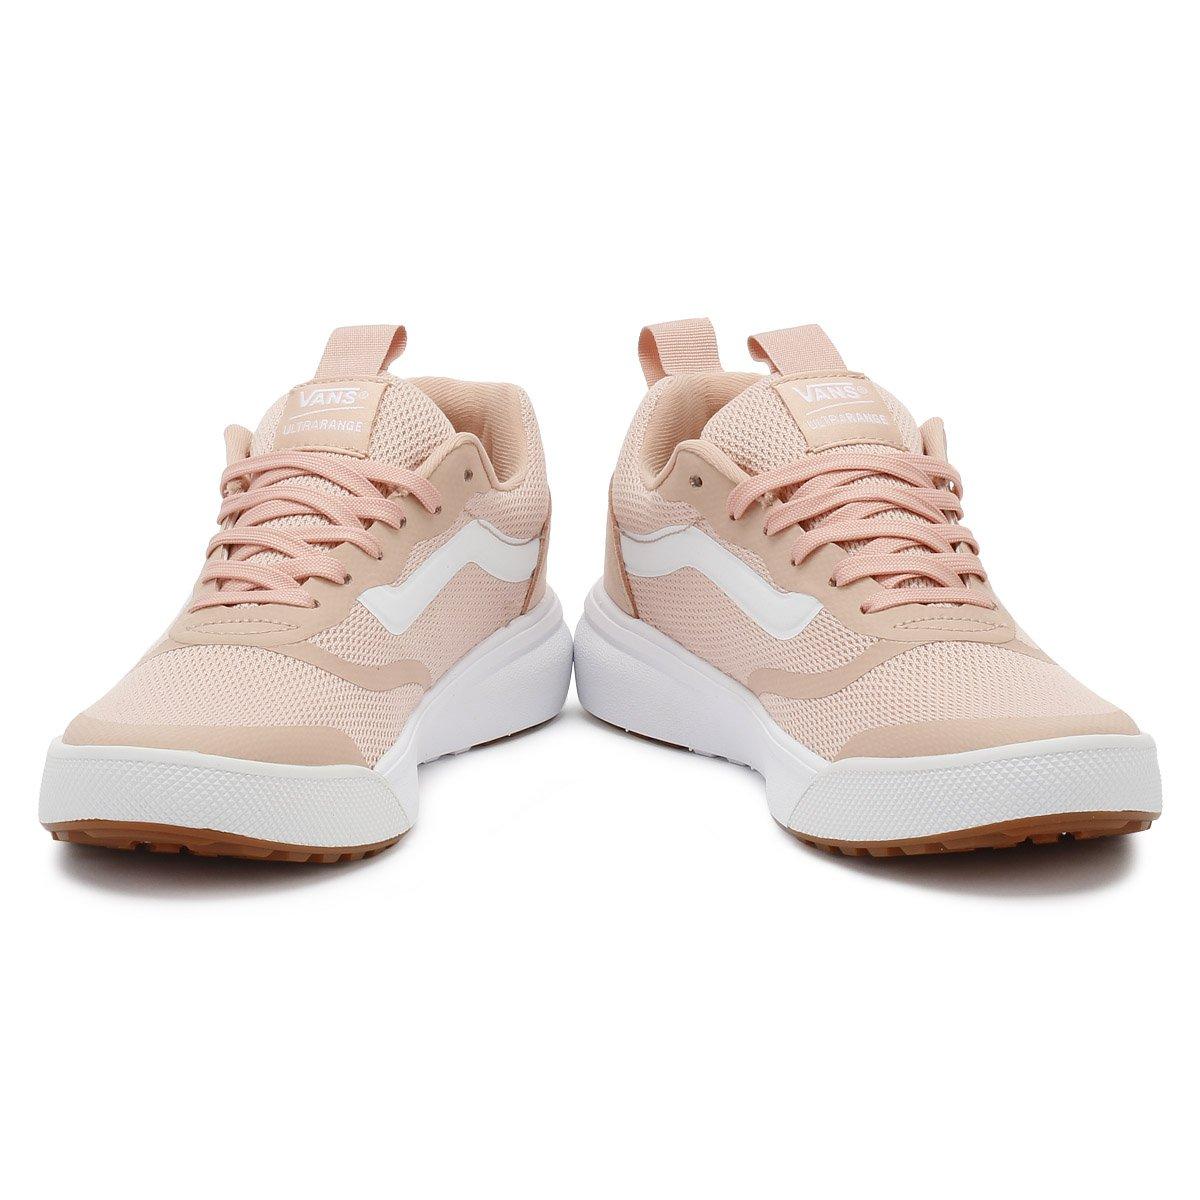 f140ee769 Vans Mujer Rose Cloud Rosa Ultrarange Zapatillas  Amazon.es  Zapatos y  complementos